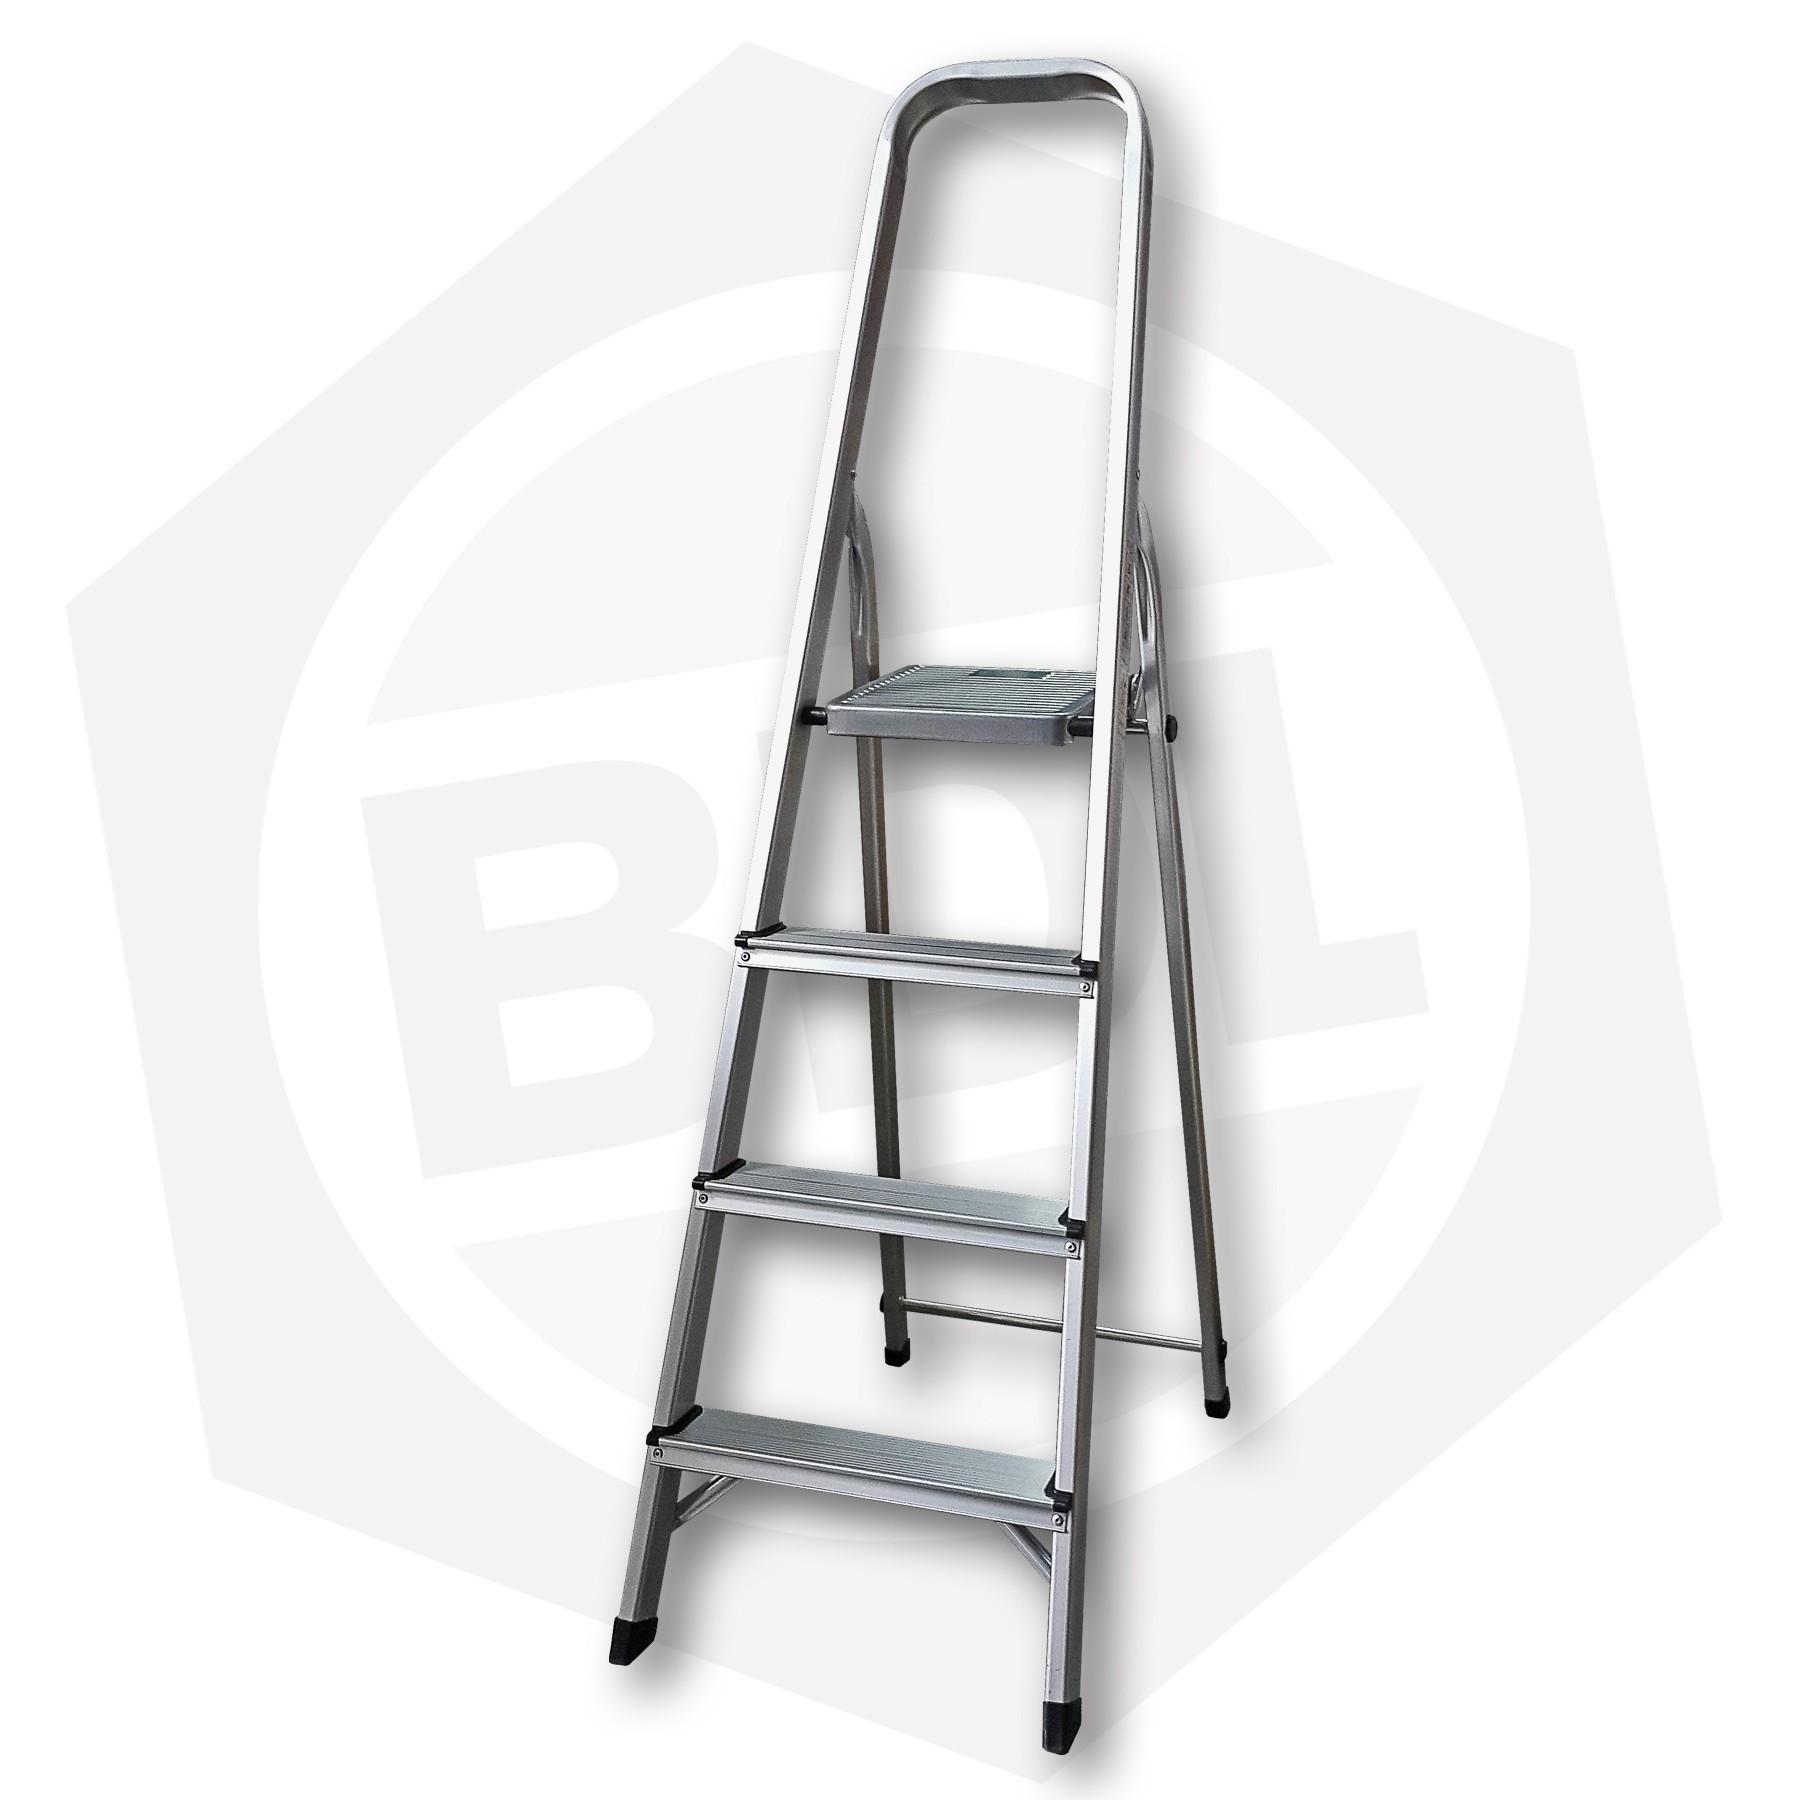 OFERTA - 15% DE DESCUENTO - Escalera de Aluminio Familiar con Arco FMT - 4 Escalones